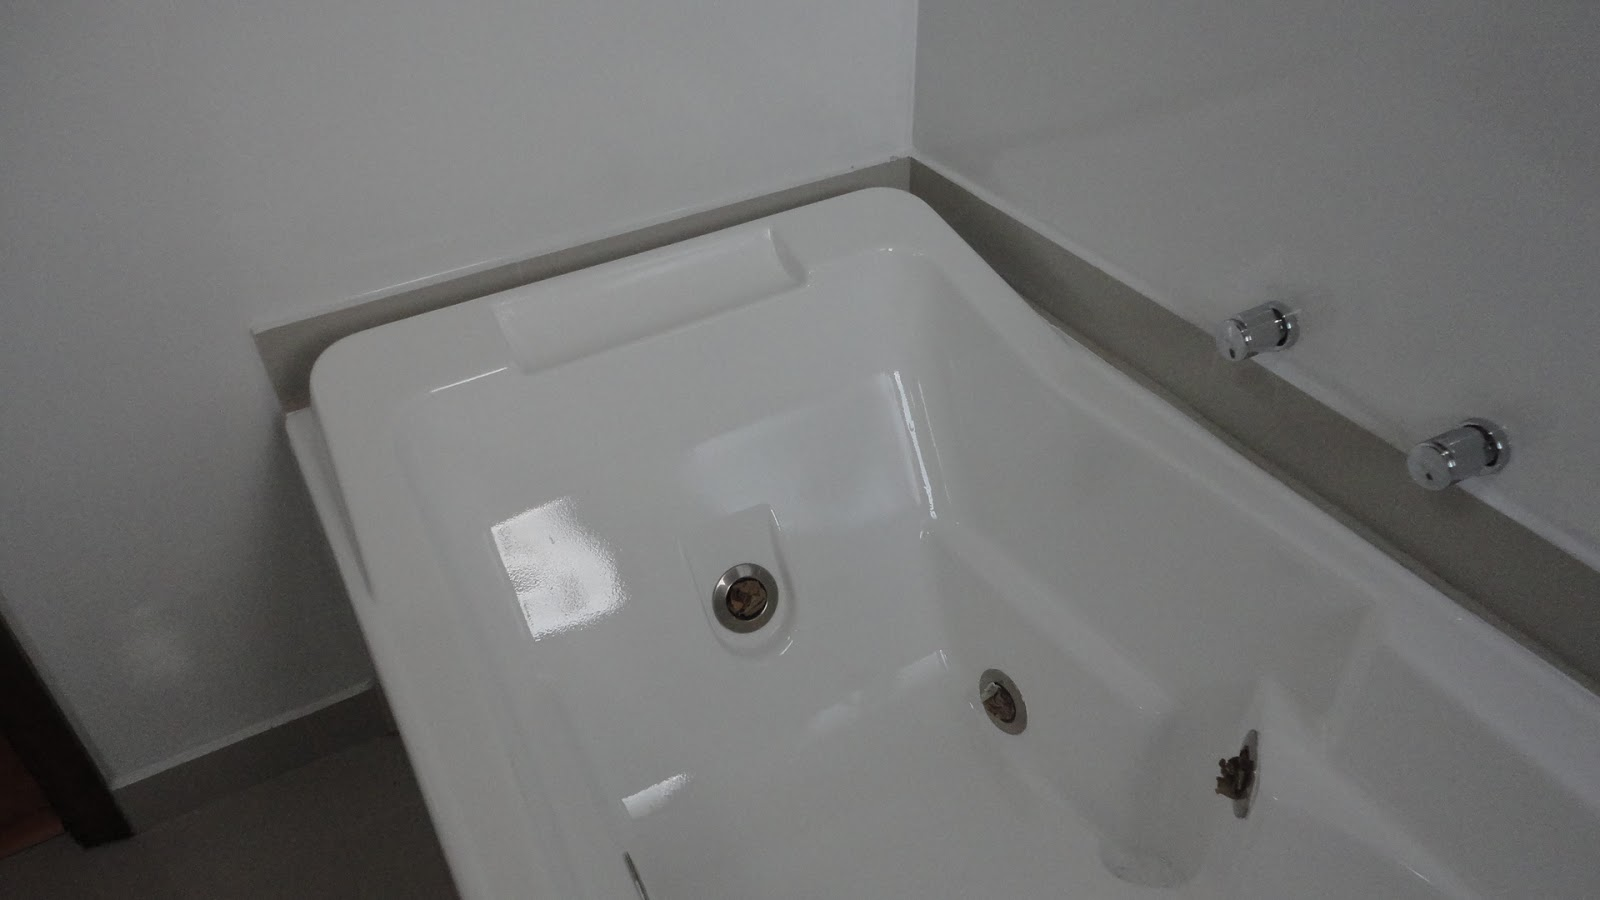 Fibra Comércio de Fibra ltda: pintura de banheiras de fibra de vidro #3A3835 1600x900 Banheiro De Fibra De Vidro